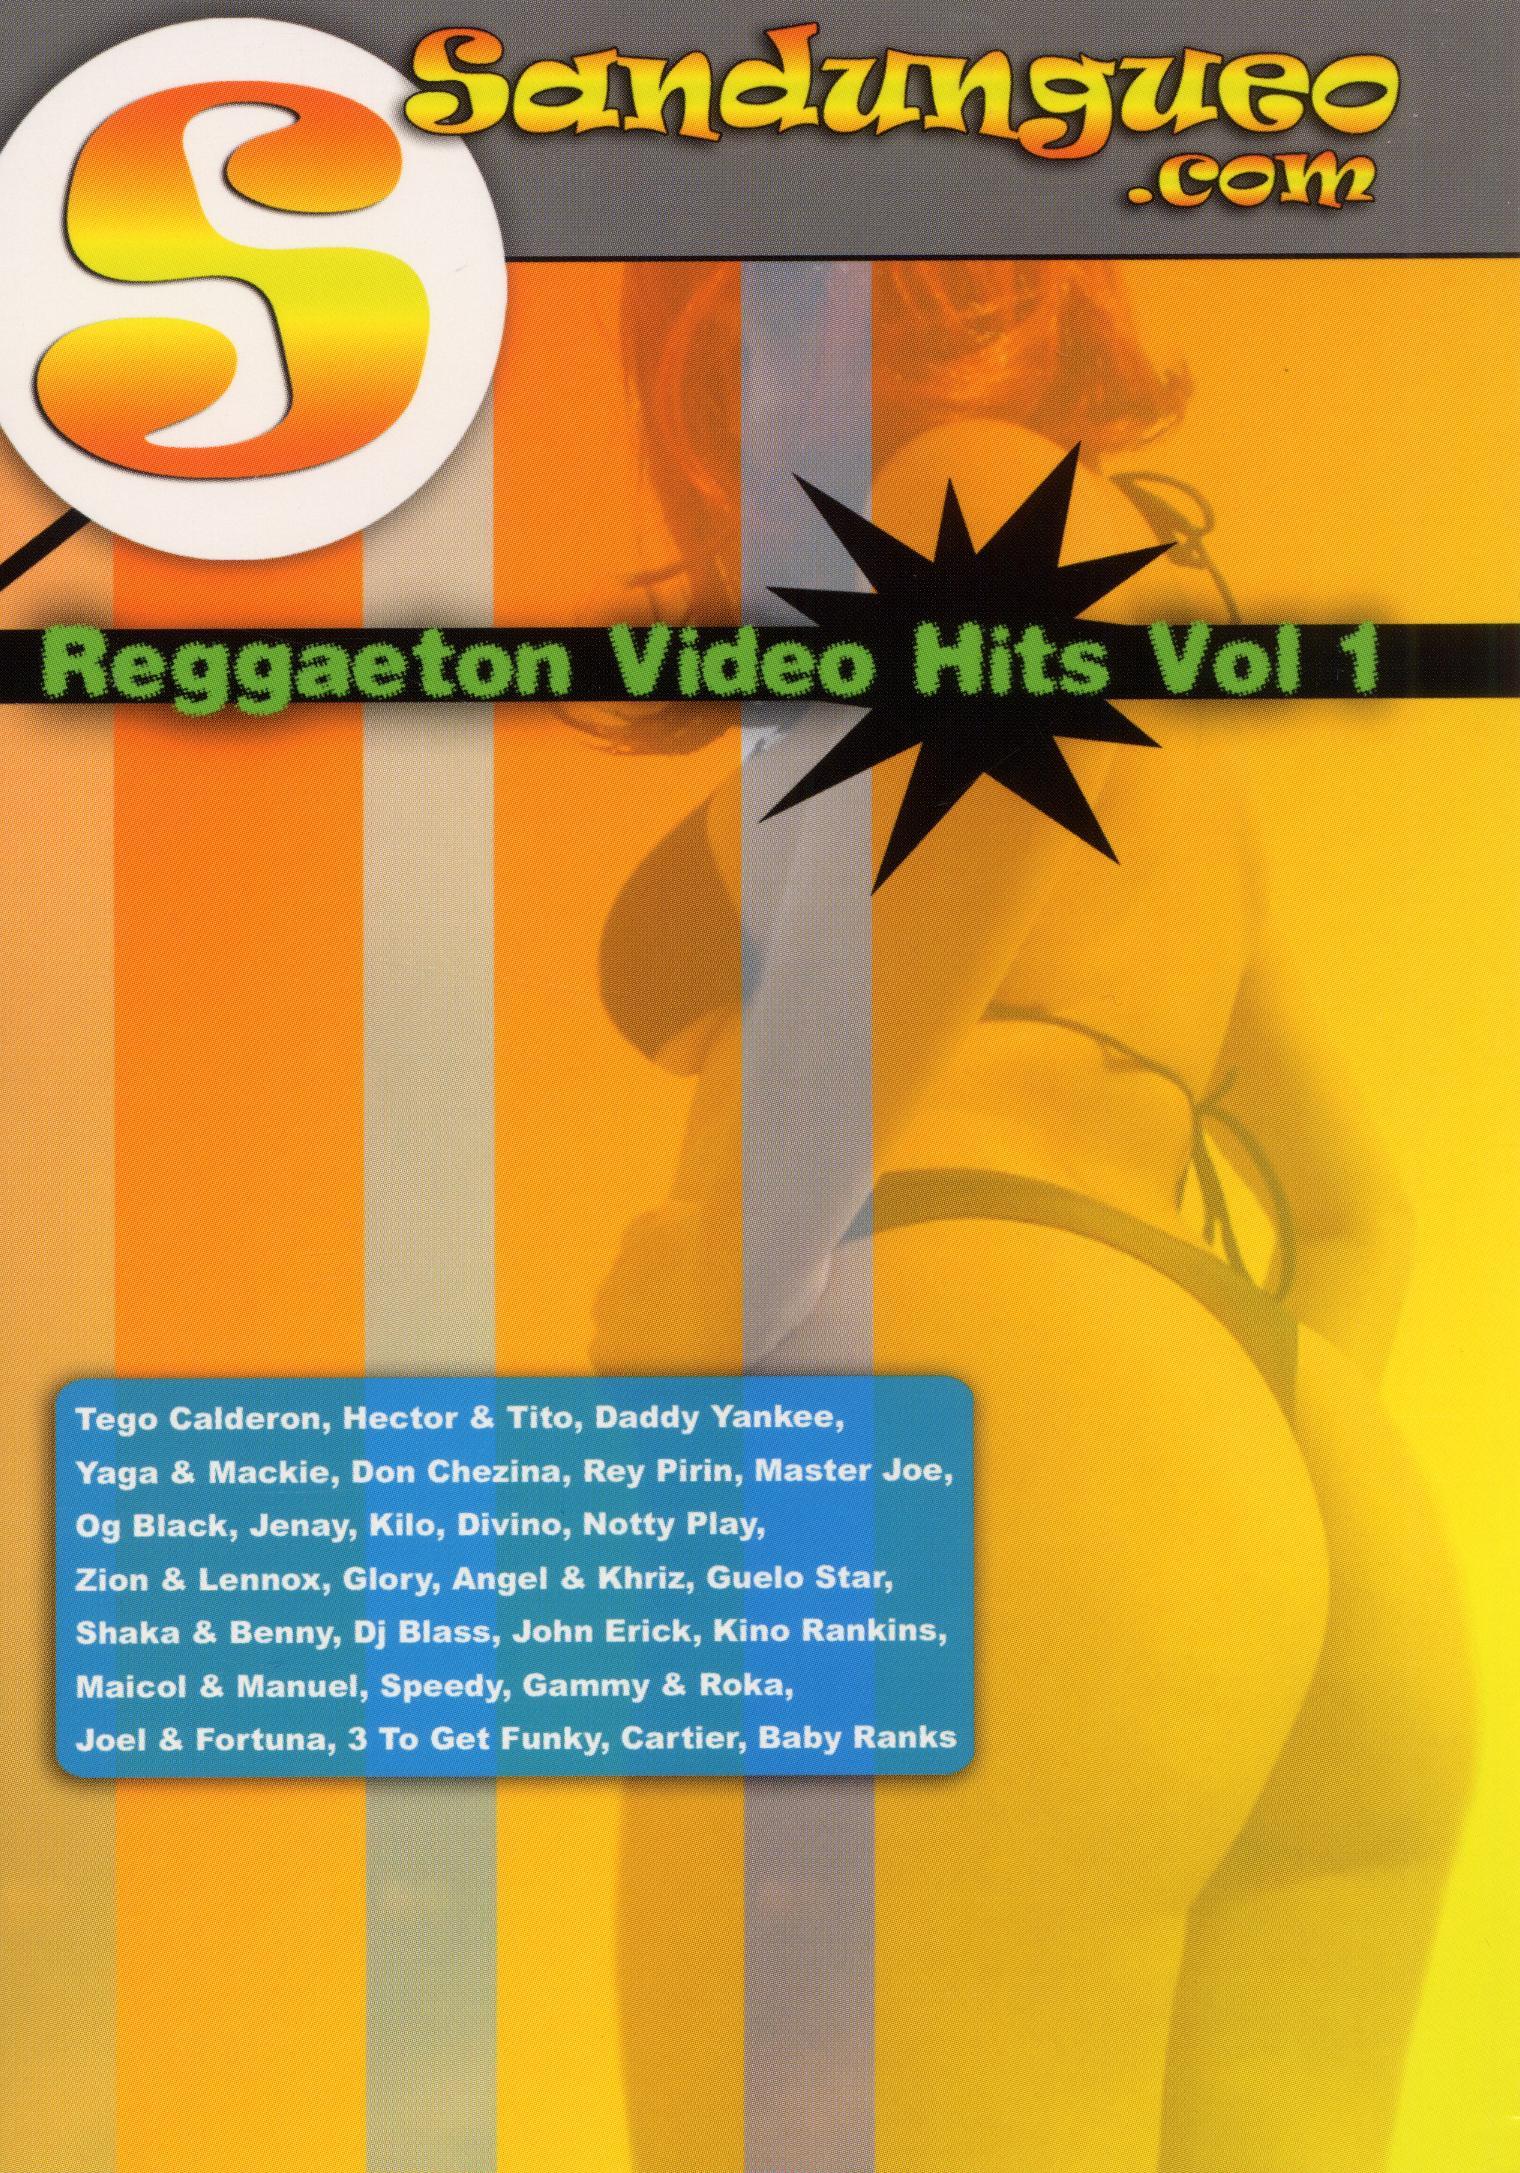 Sandungueo.com: Reggaeton Video Hits, Vol. 1